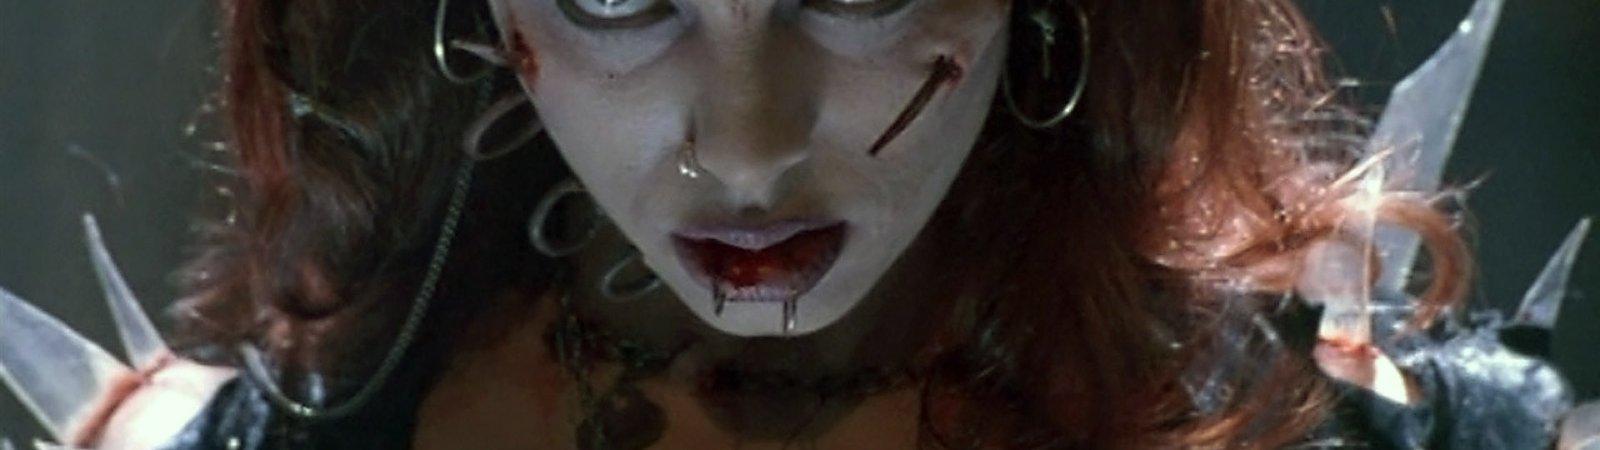 Photo dernier film  Mindy Clarke